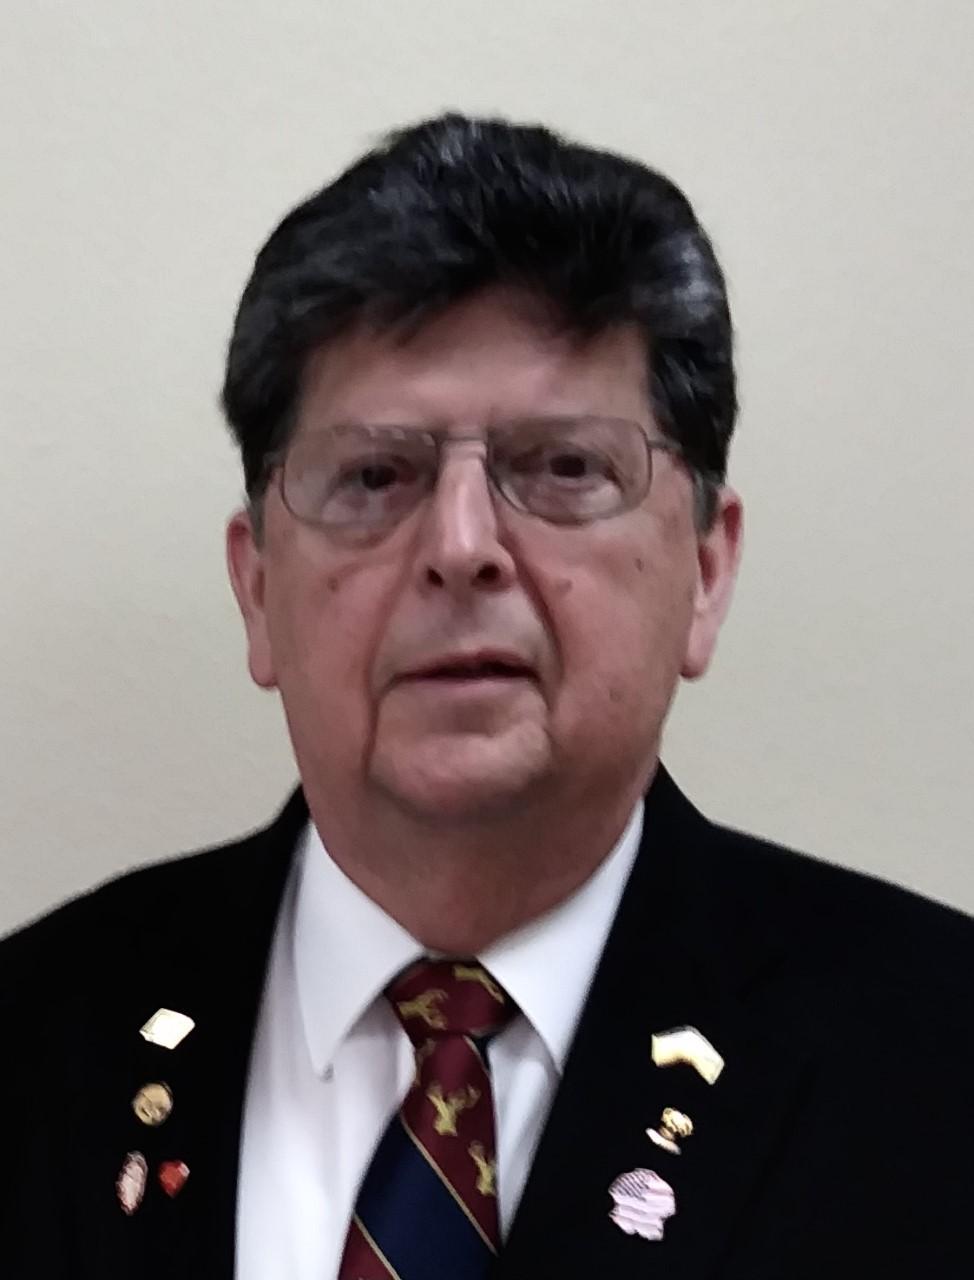 Wayne R. Shepherd